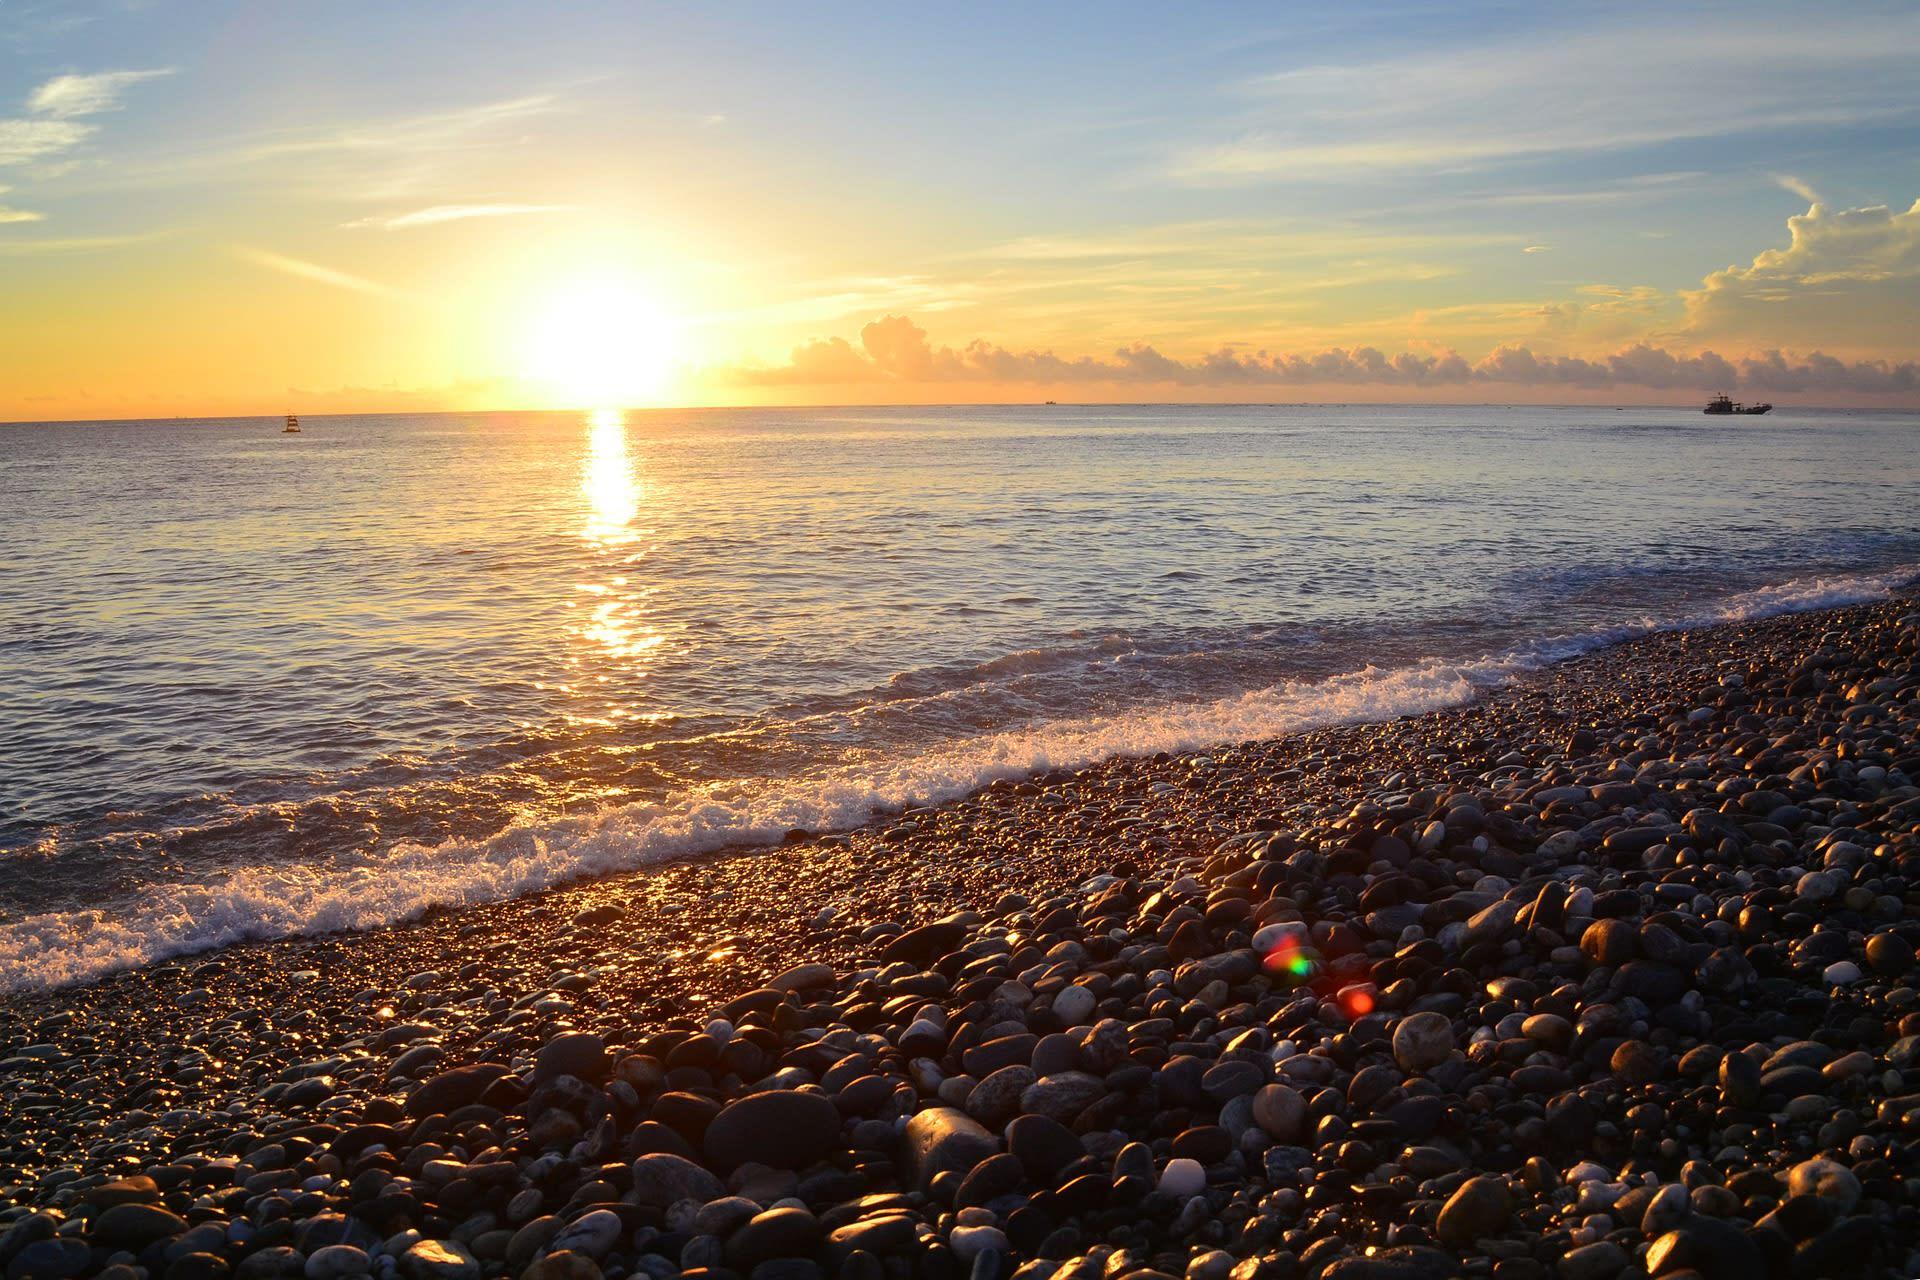 花蓮七星潭夕陽景色。圖片取自:Flickr Jason